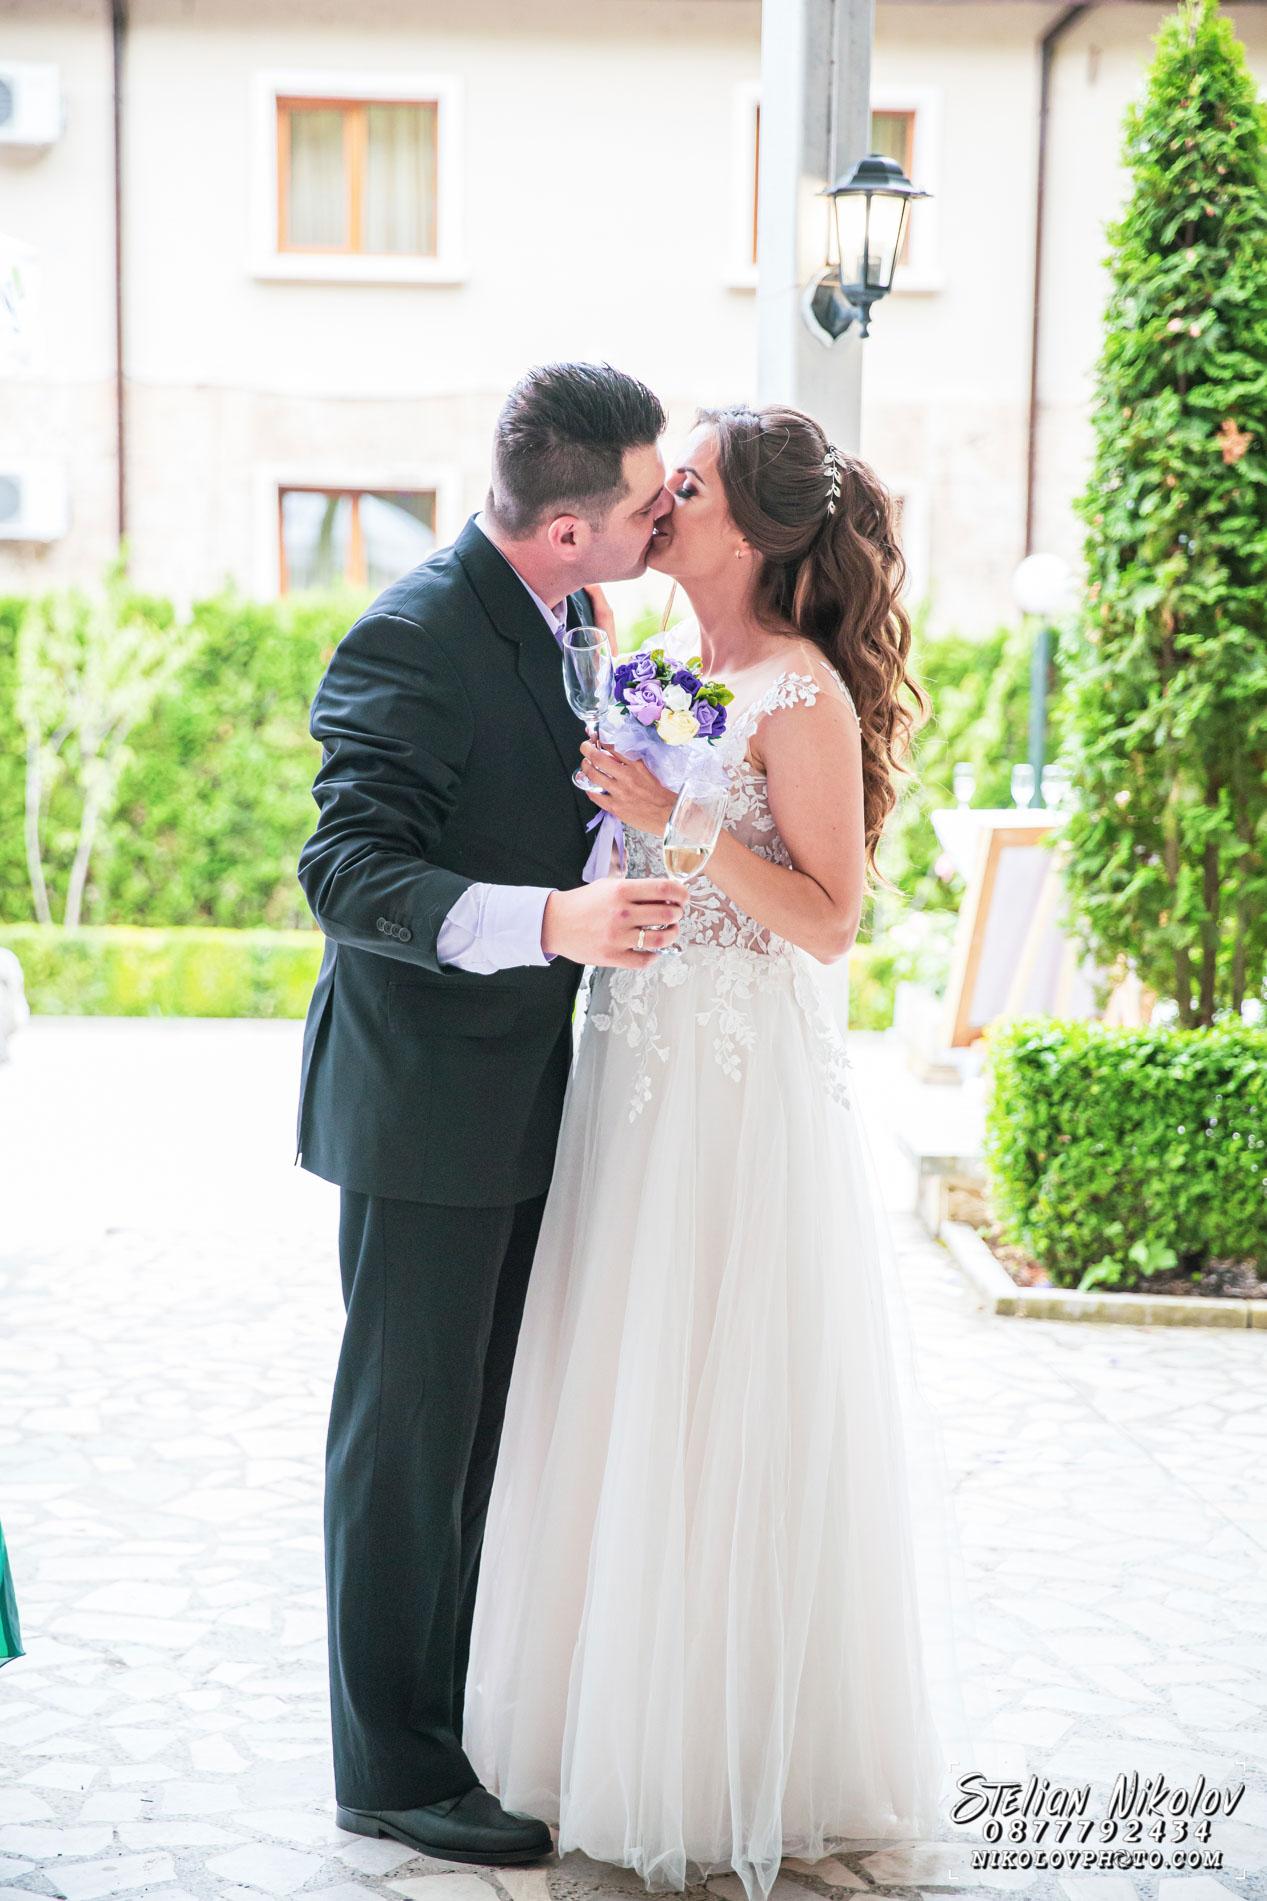 сватба фотограф плевен цени